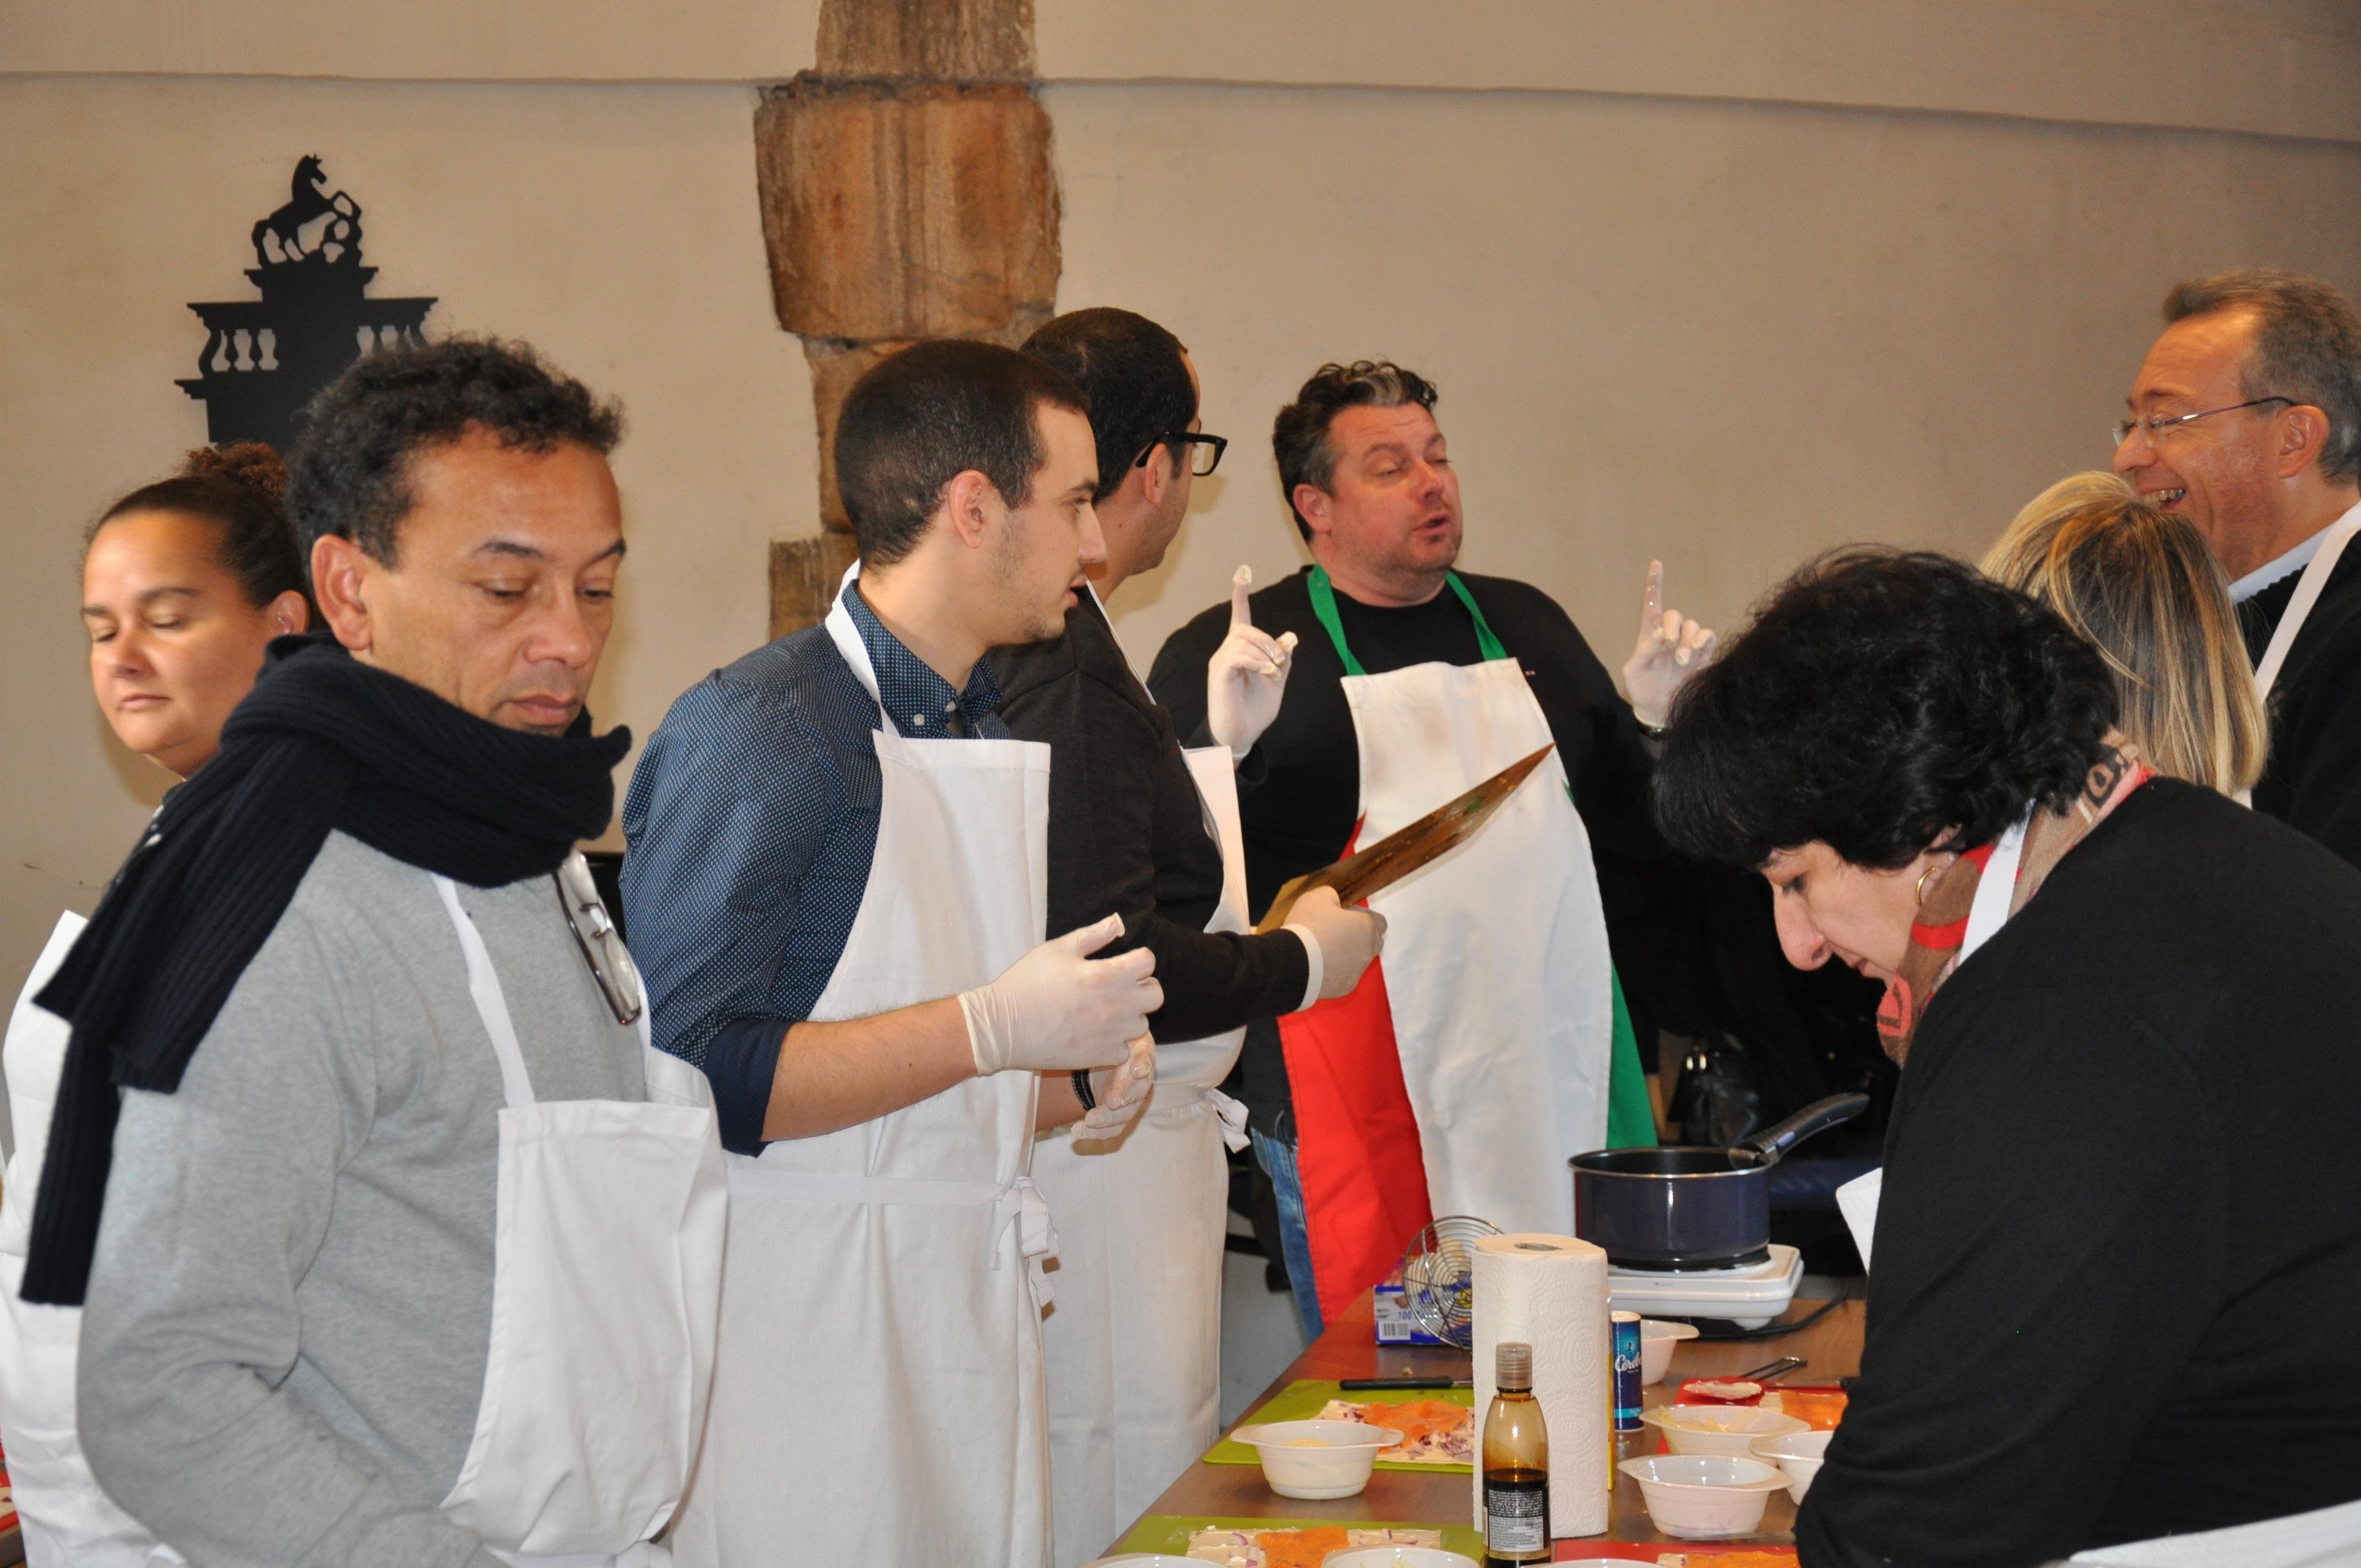 Cours-de-cuisine-entreprise-20